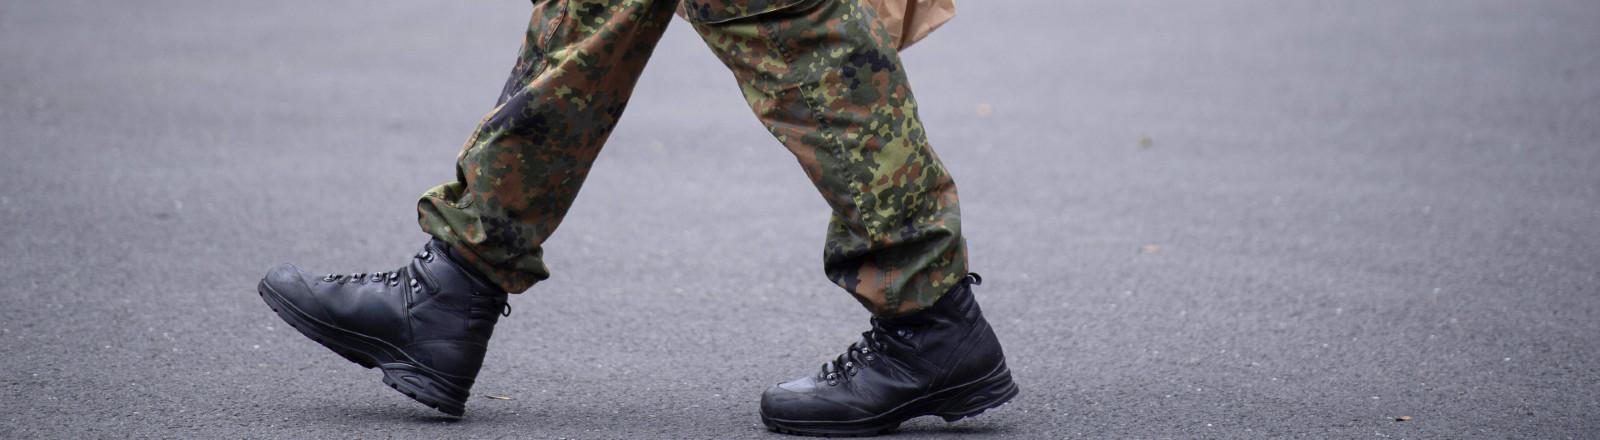 Symbolbild Bundeswehr: Ein Soldat mit Wasser und Essen in der Hand.